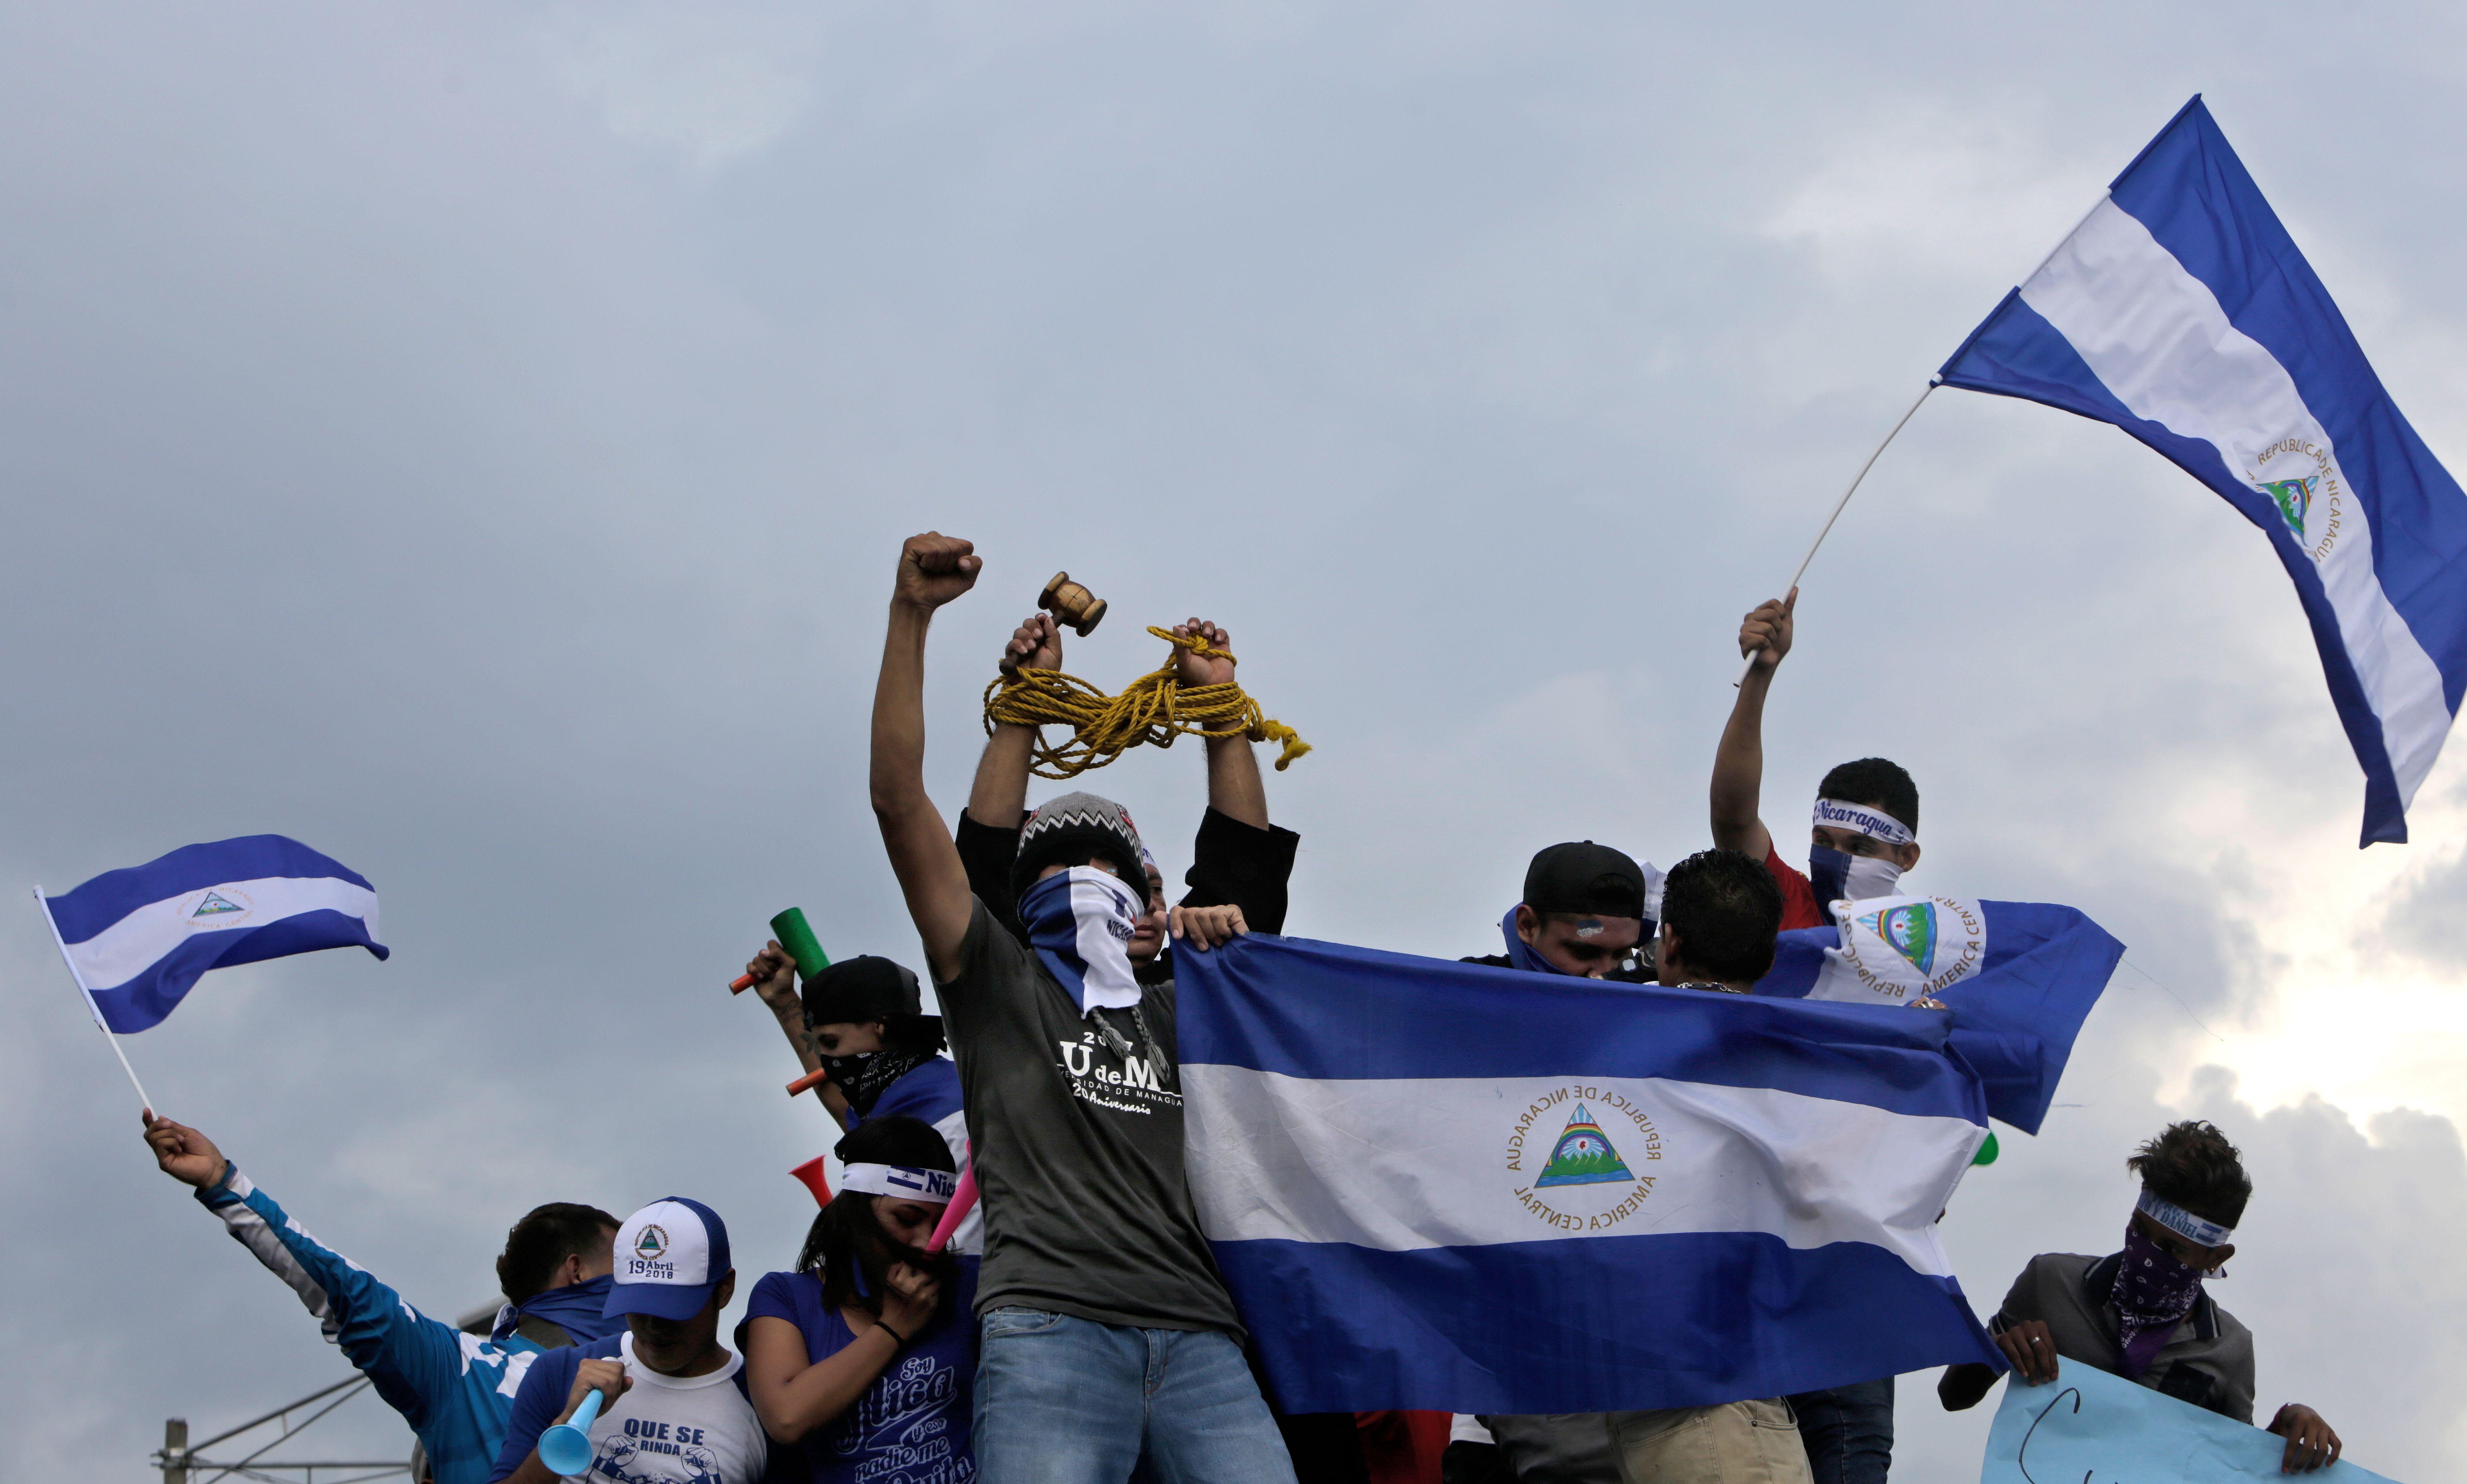 La oposición nicaragüense pide la liberación de presos políticos como condición para el diálogo. (Foto Prensa Libre: AFP)